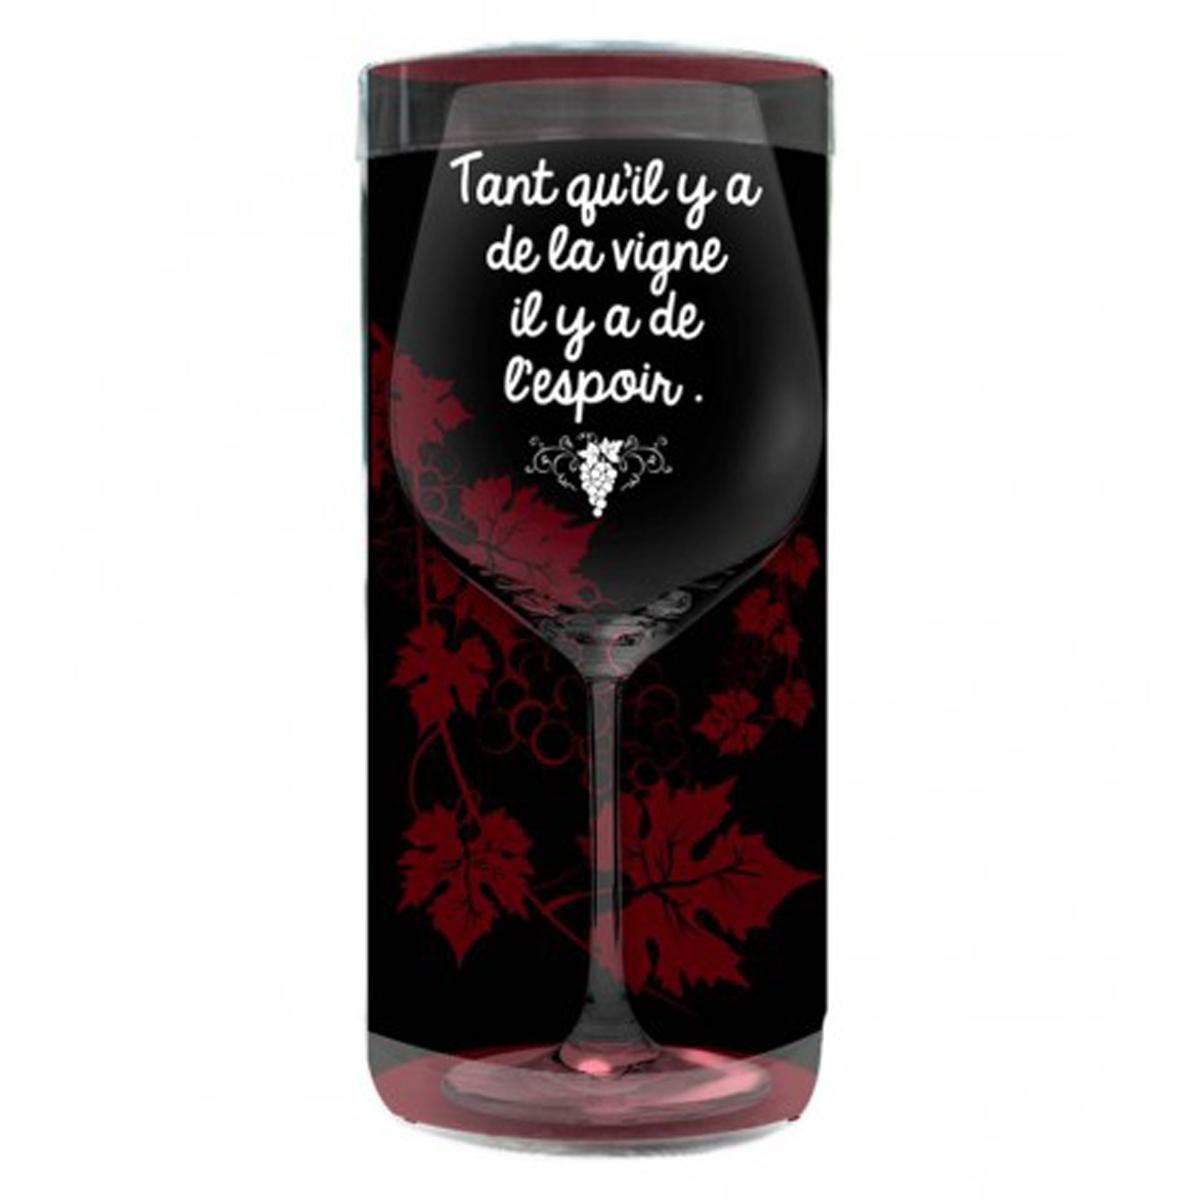 Verre à vin humoristique \'Messages\' (Tant qu\'il y a de la Vigne il y a de l\'Espoir) - 23x95 cm - [P9896]